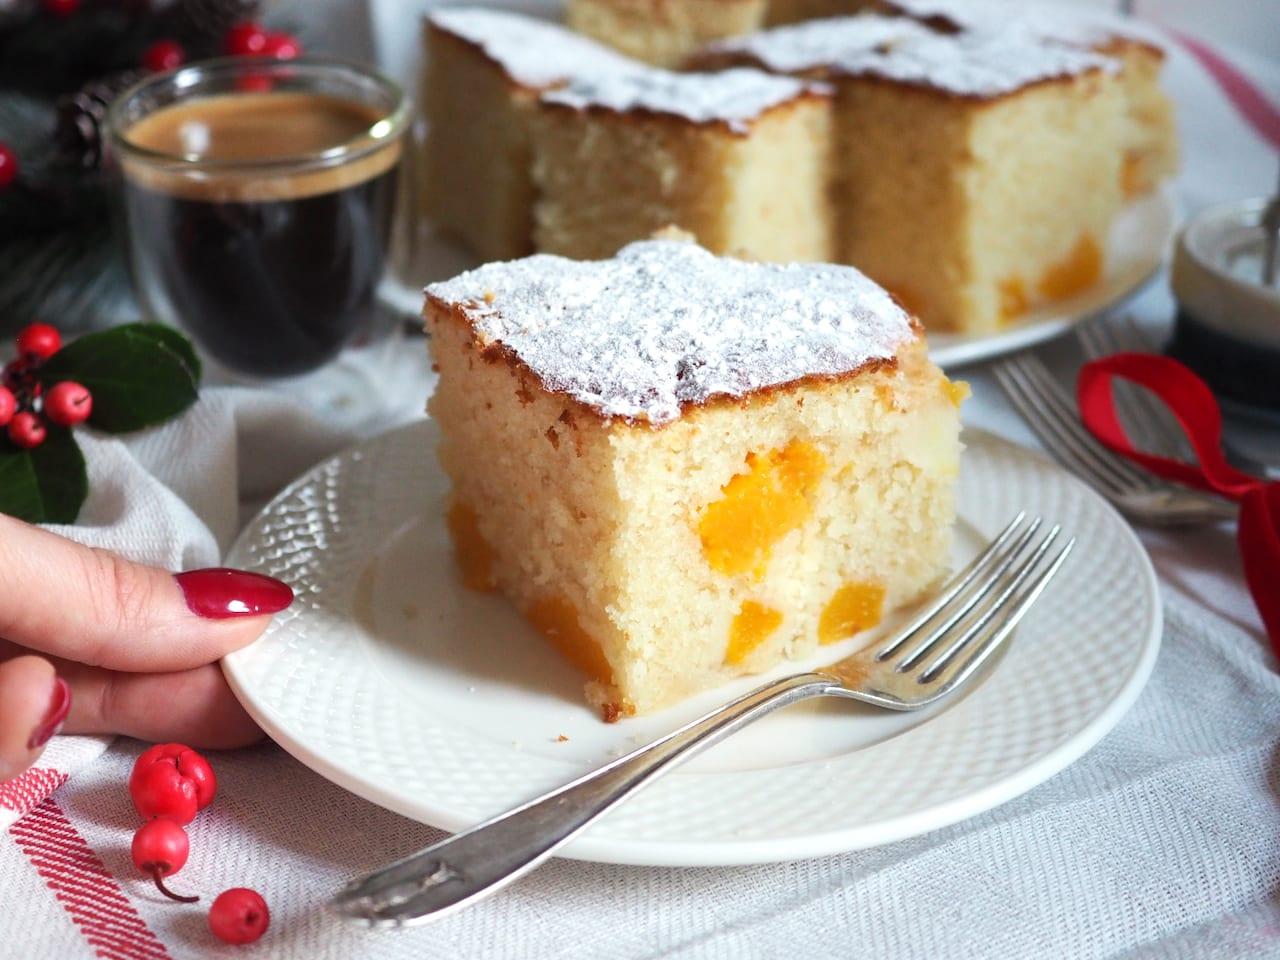 Ciasto z maślanką i brzoskwiniami